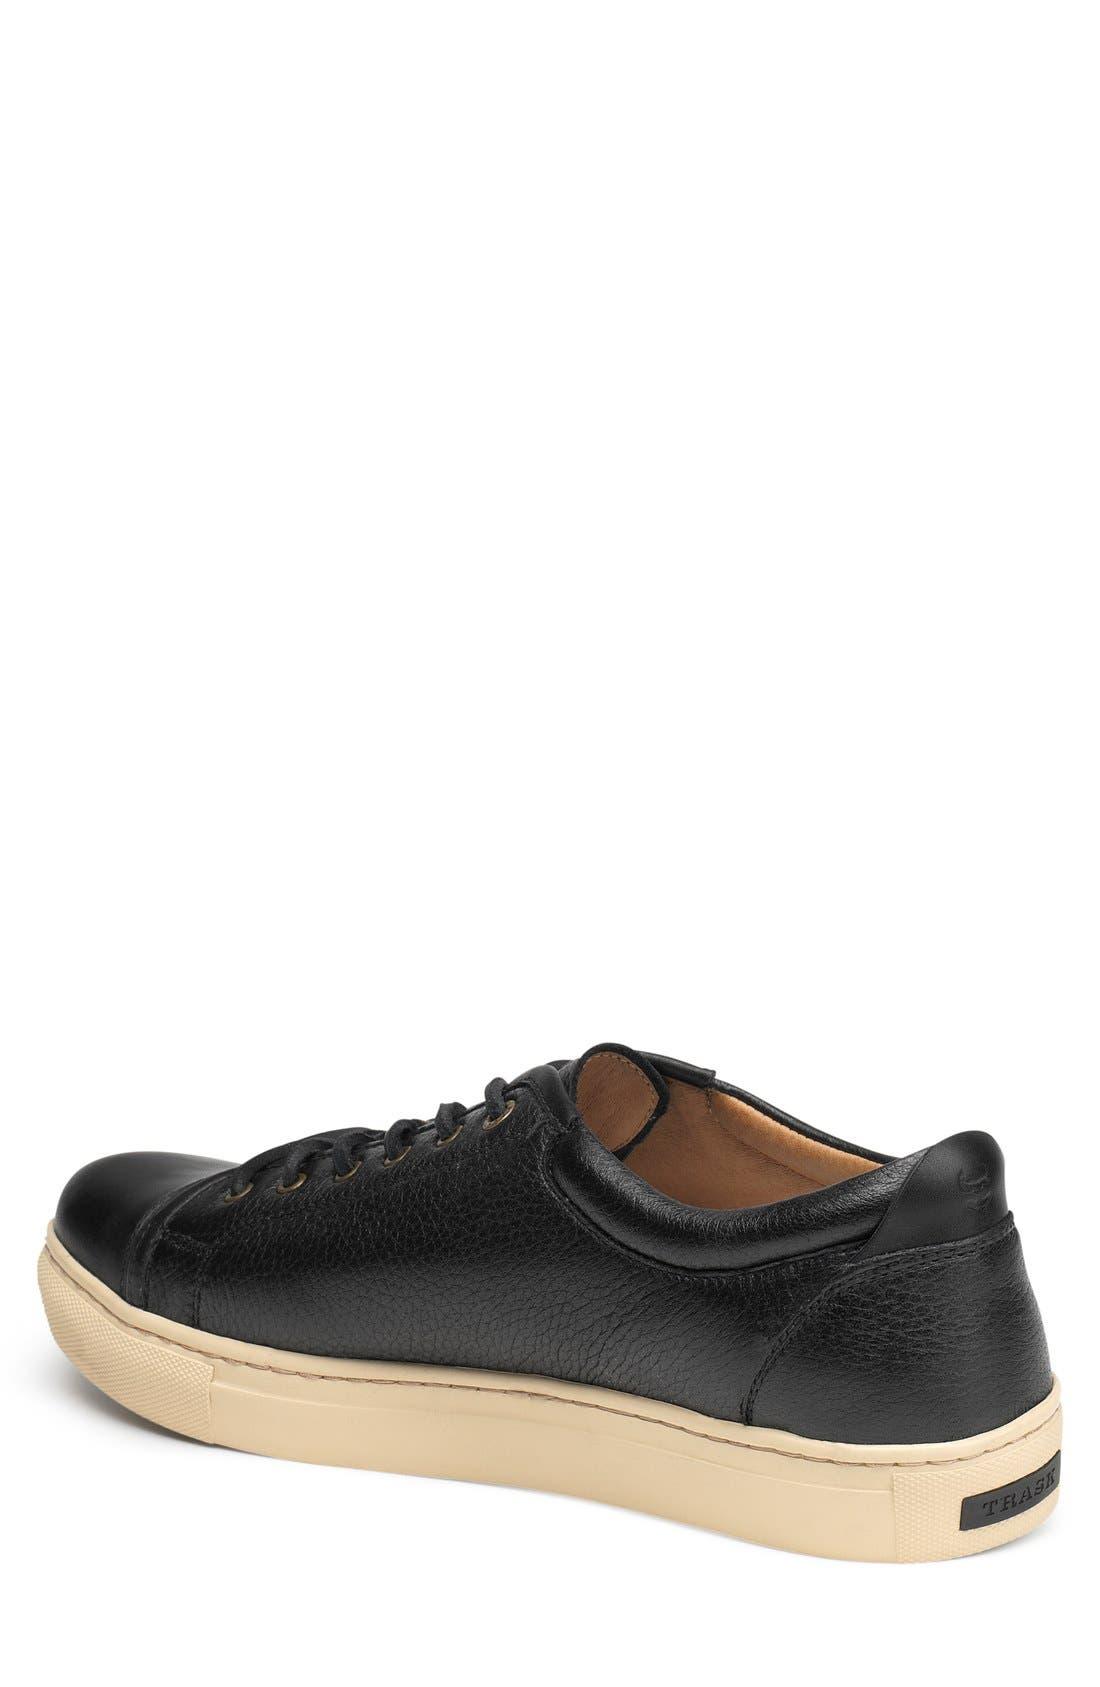 TRASK, 'Beck' Sneaker, Alternate thumbnail 2, color, BLACK NORWEGIAN ELK